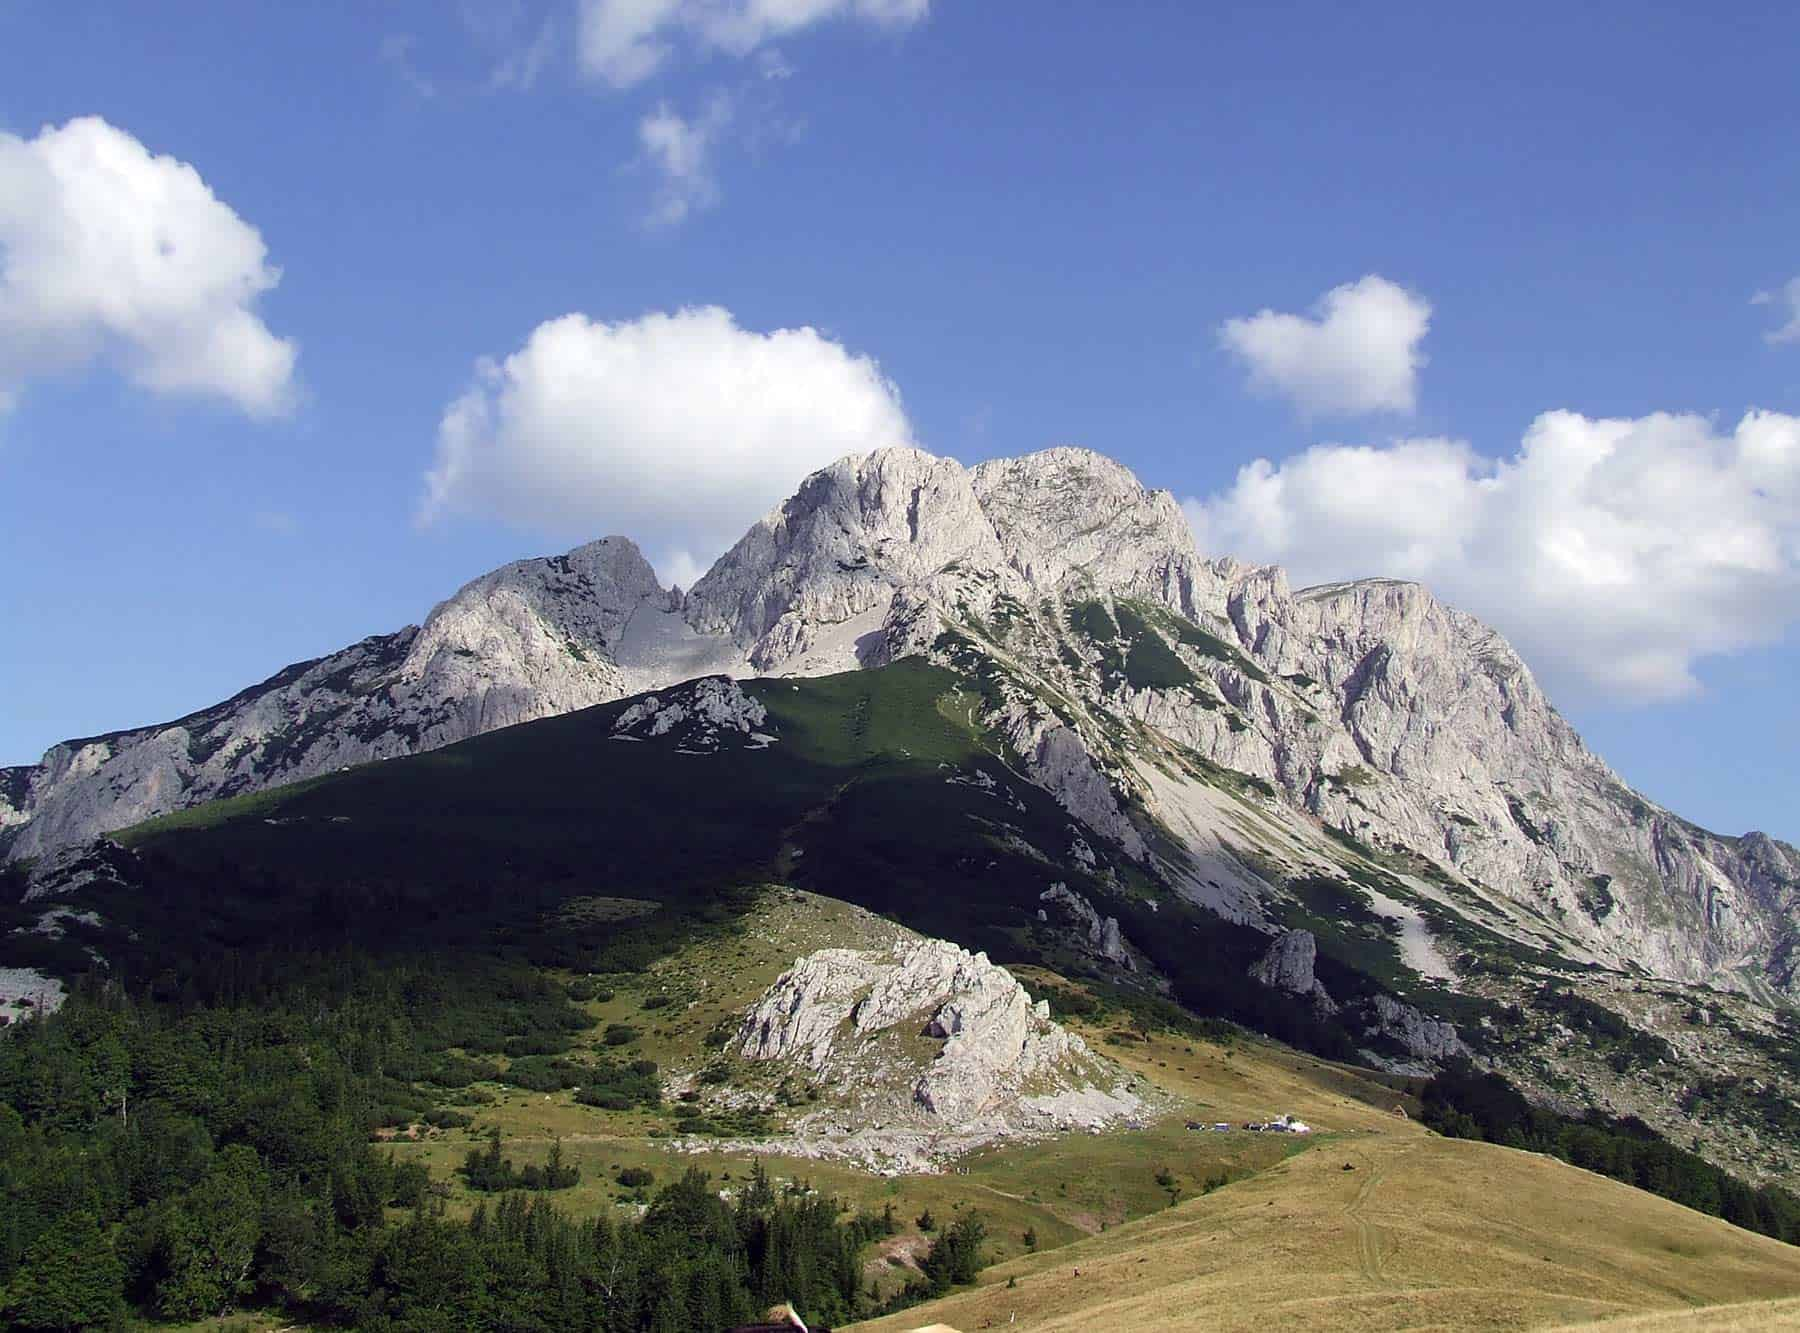 Durmitor peak Bobotov kuk in Montenegro